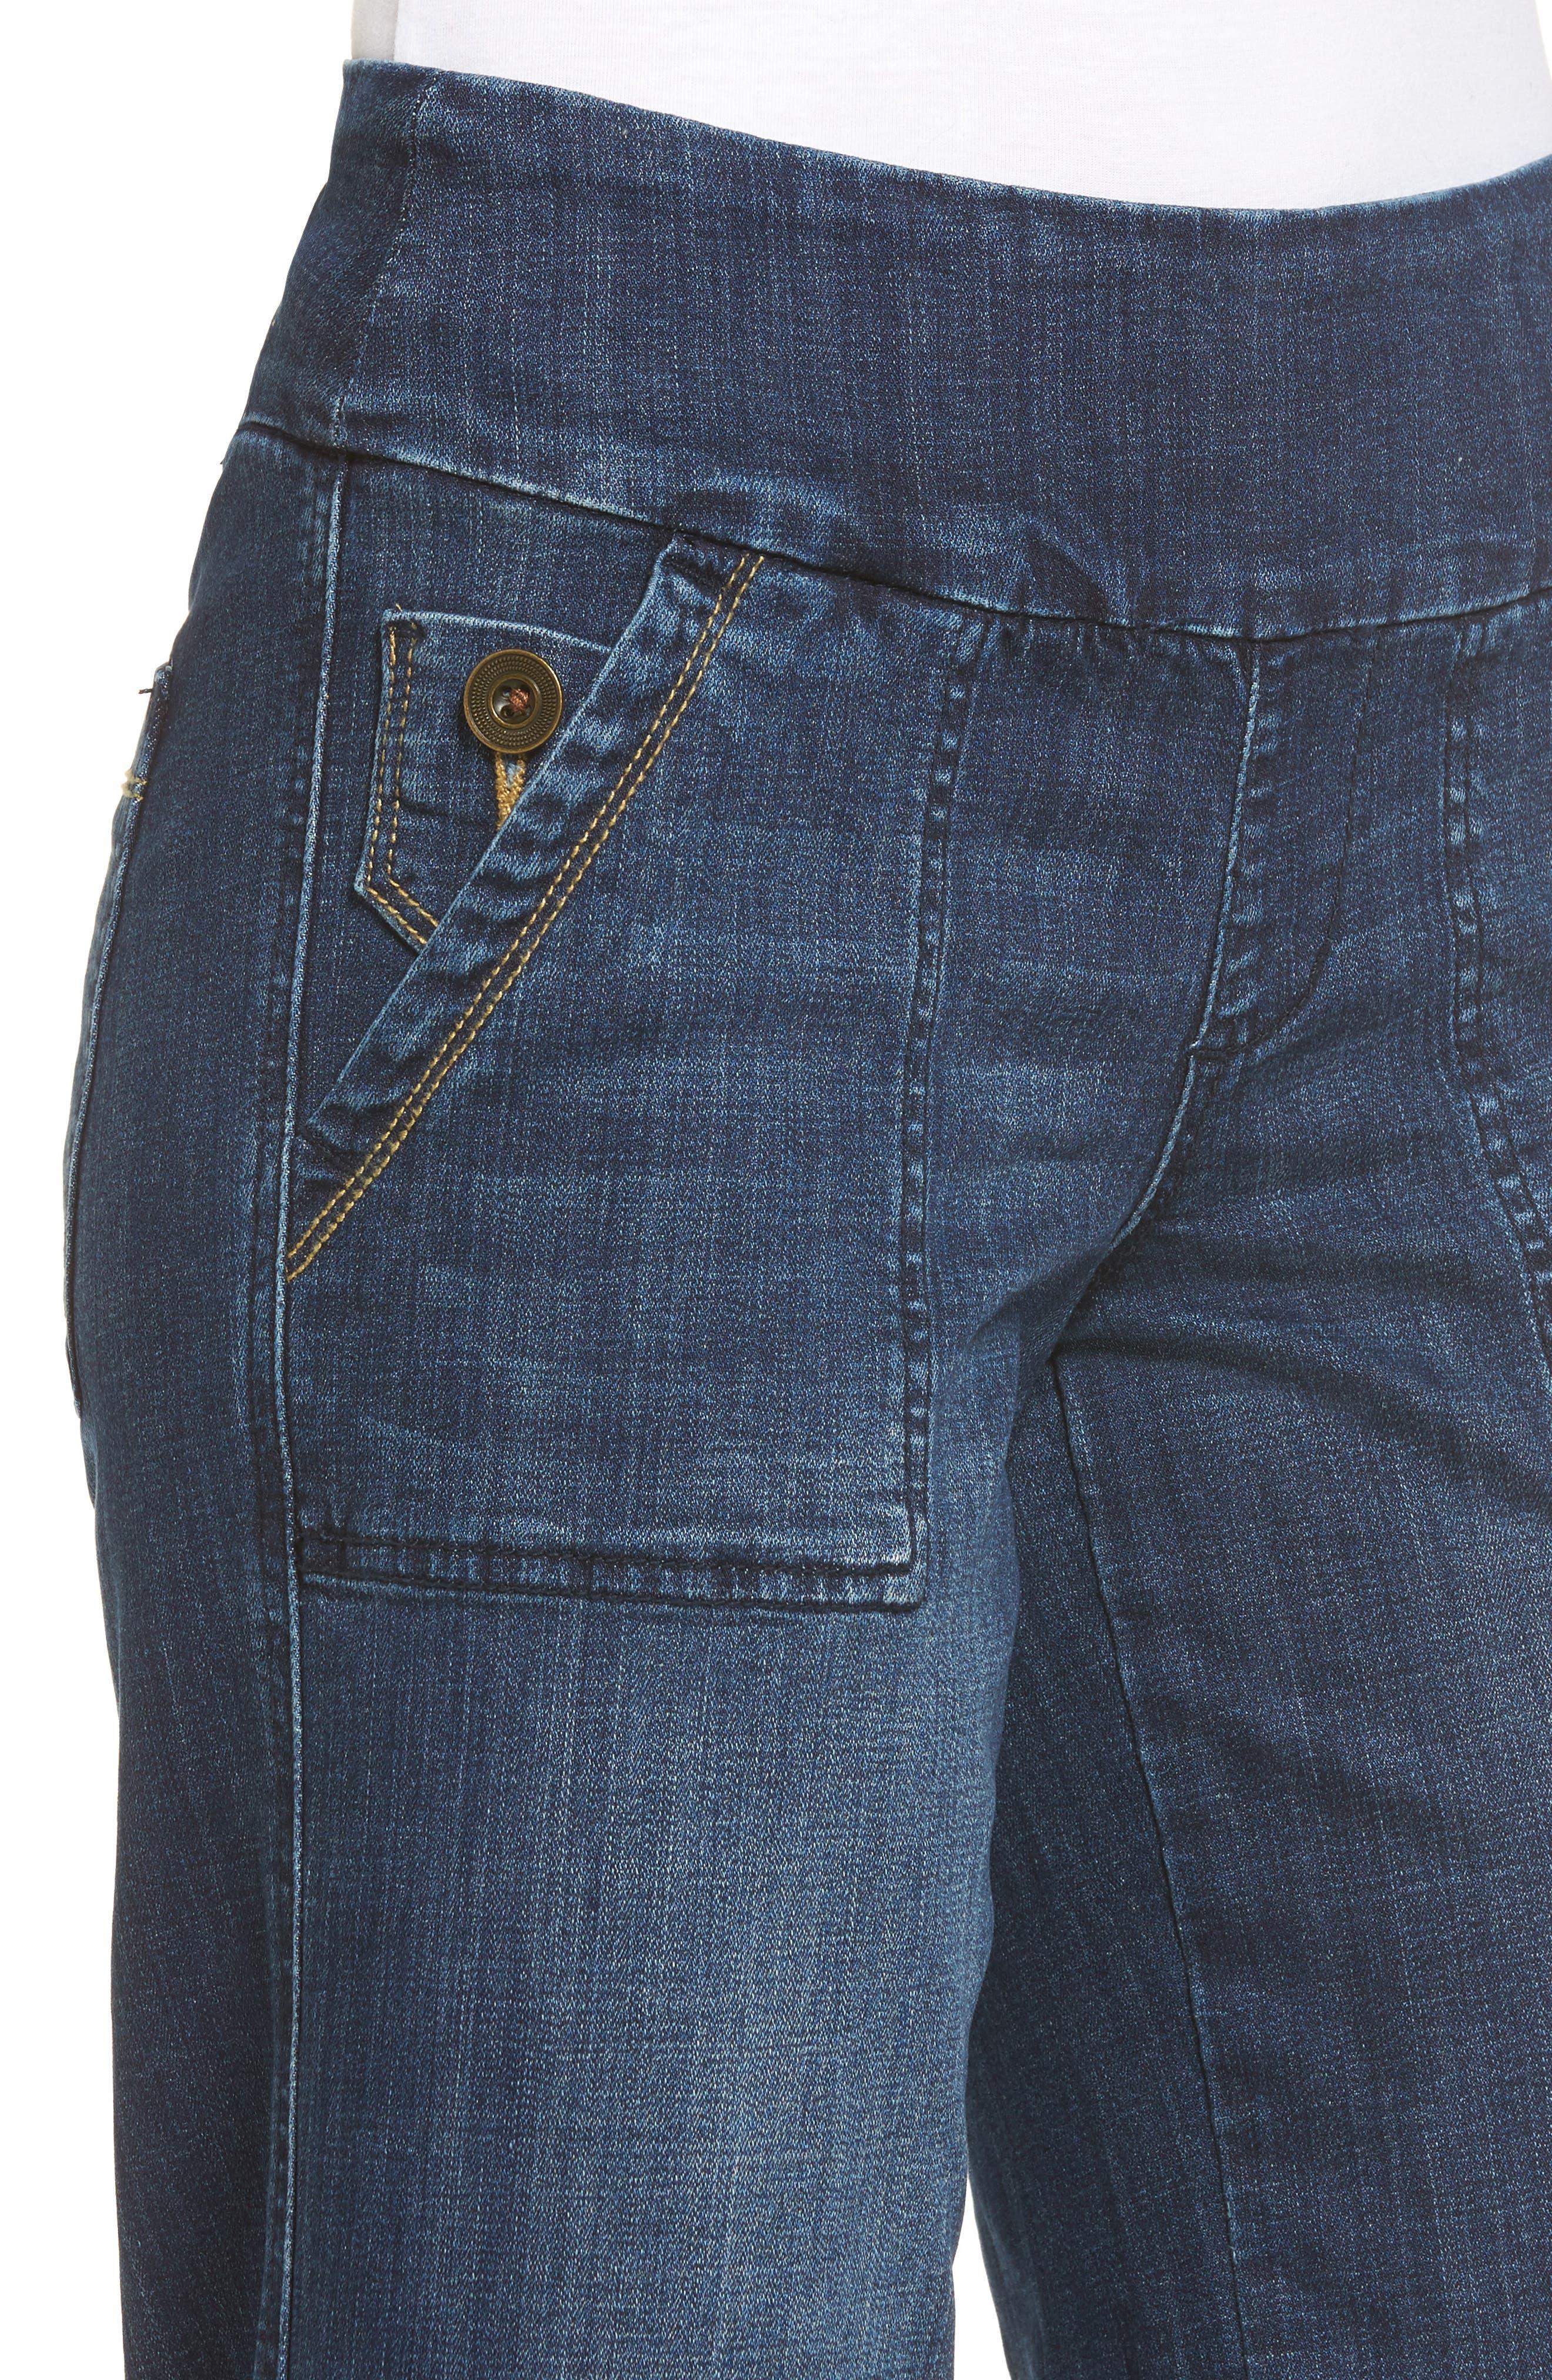 Alternate Image 4  - Jag Jeans Snyder Pull-On Wide Leg Jeans (Thorne Blue)